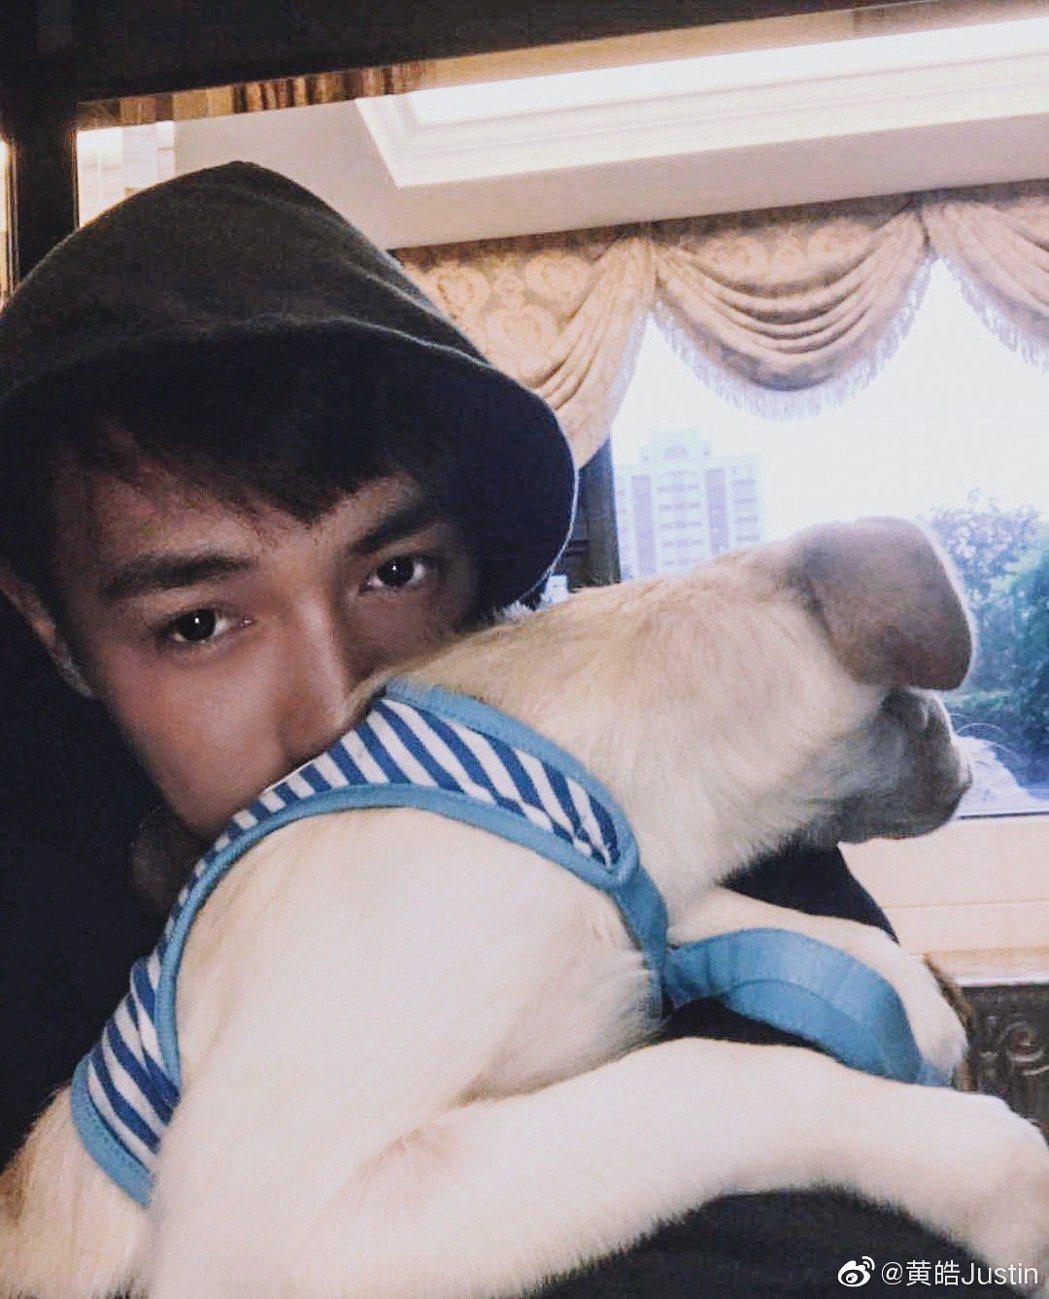 黃皓貼出與狗狗的合照,被網友懷疑分手。 圖/擷自黃皓微博